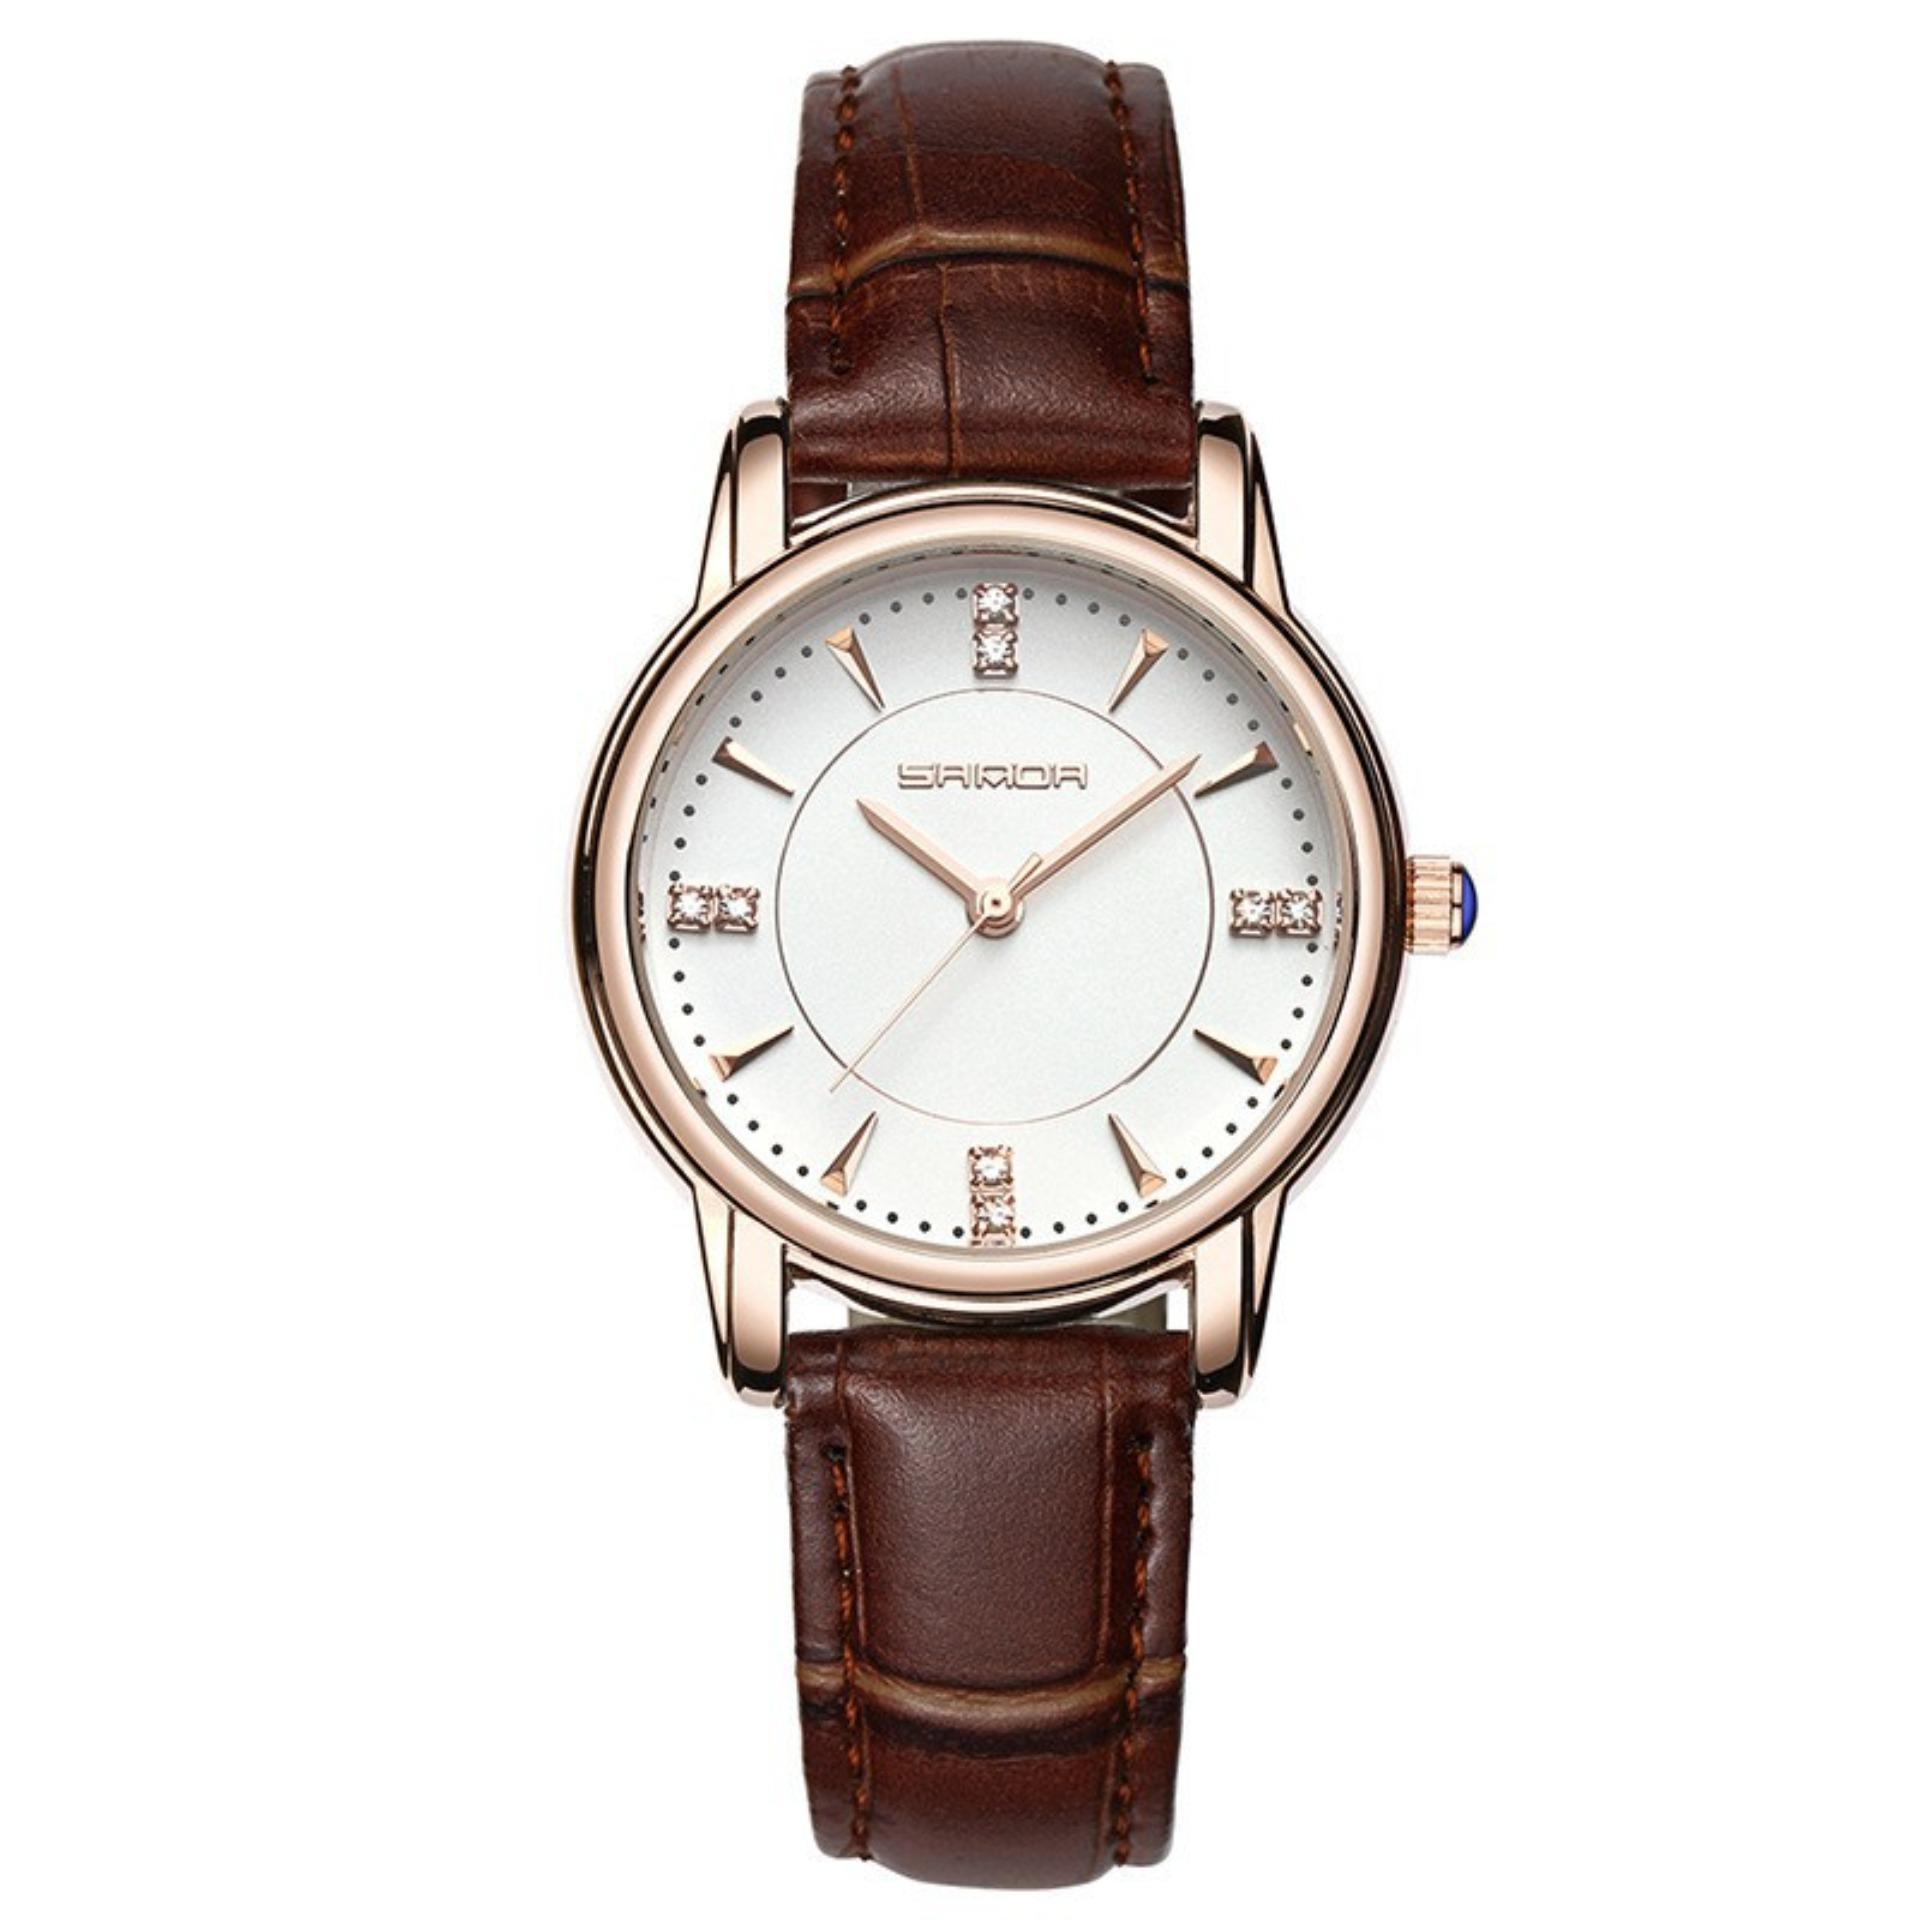 Đồng hồ nữ dây da cao cấp SANDA JAPAN 286 đính đá sang trọng - Dây nâu + Tặng dây...